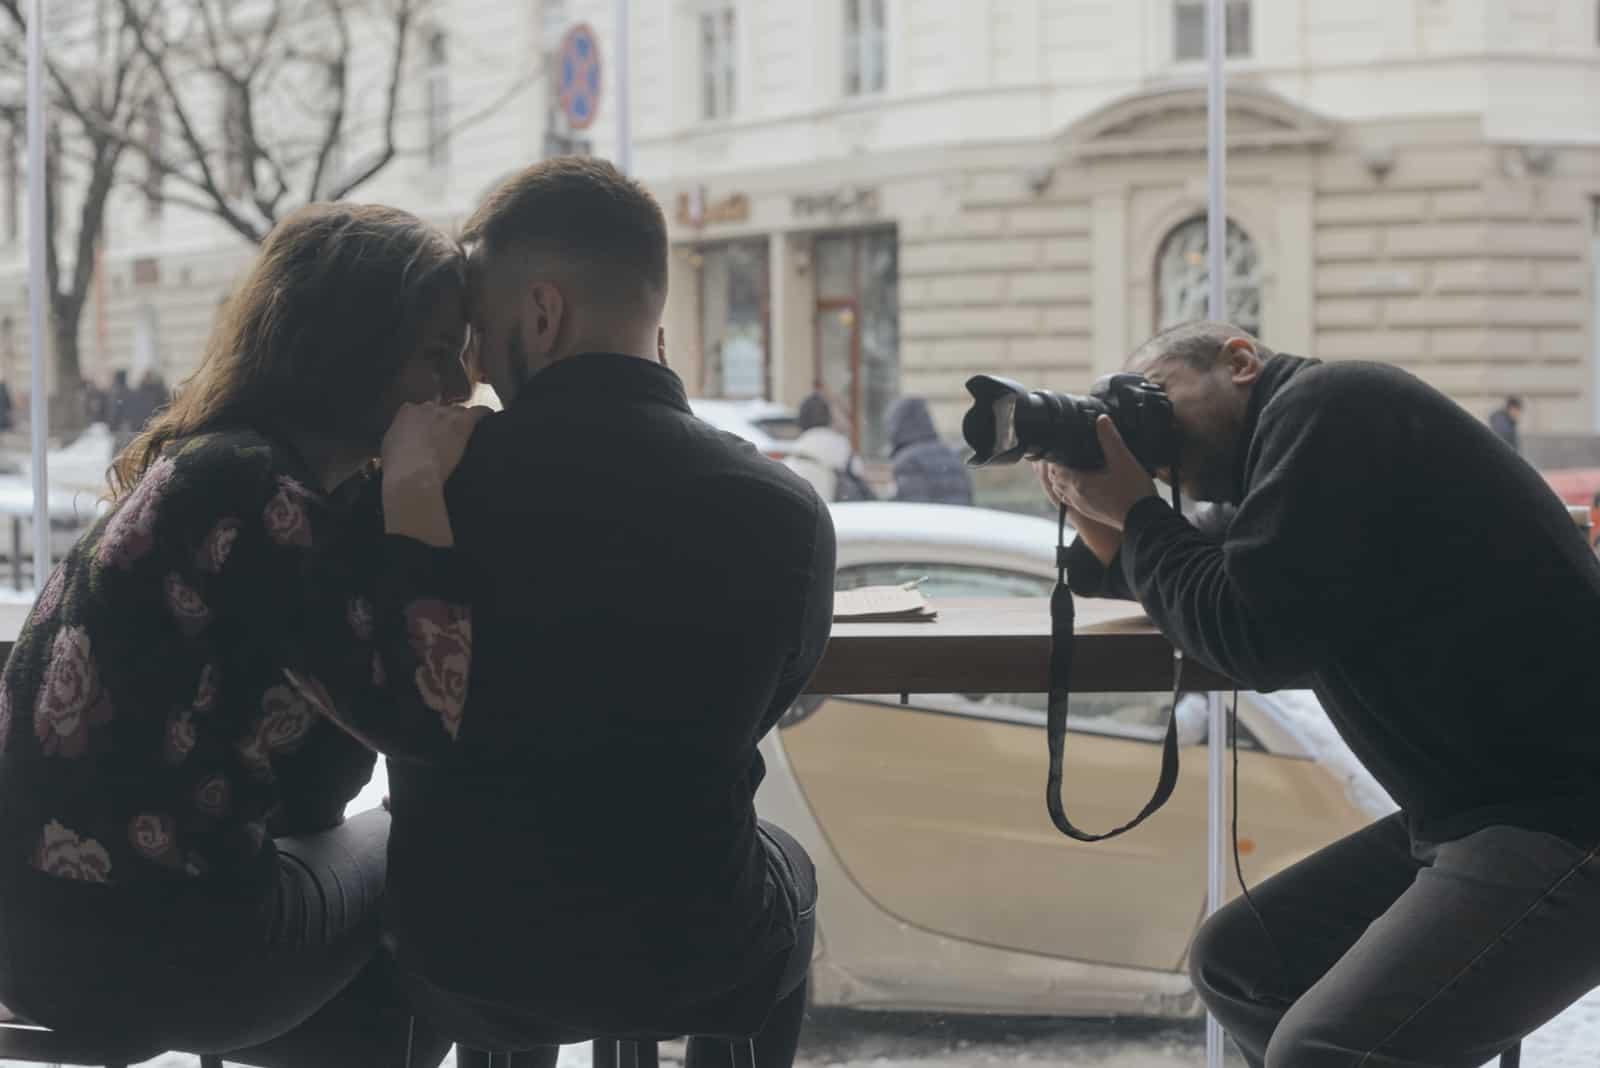 Der Fotograf fotografiert ein schönes und glückliches Paar in einem Café